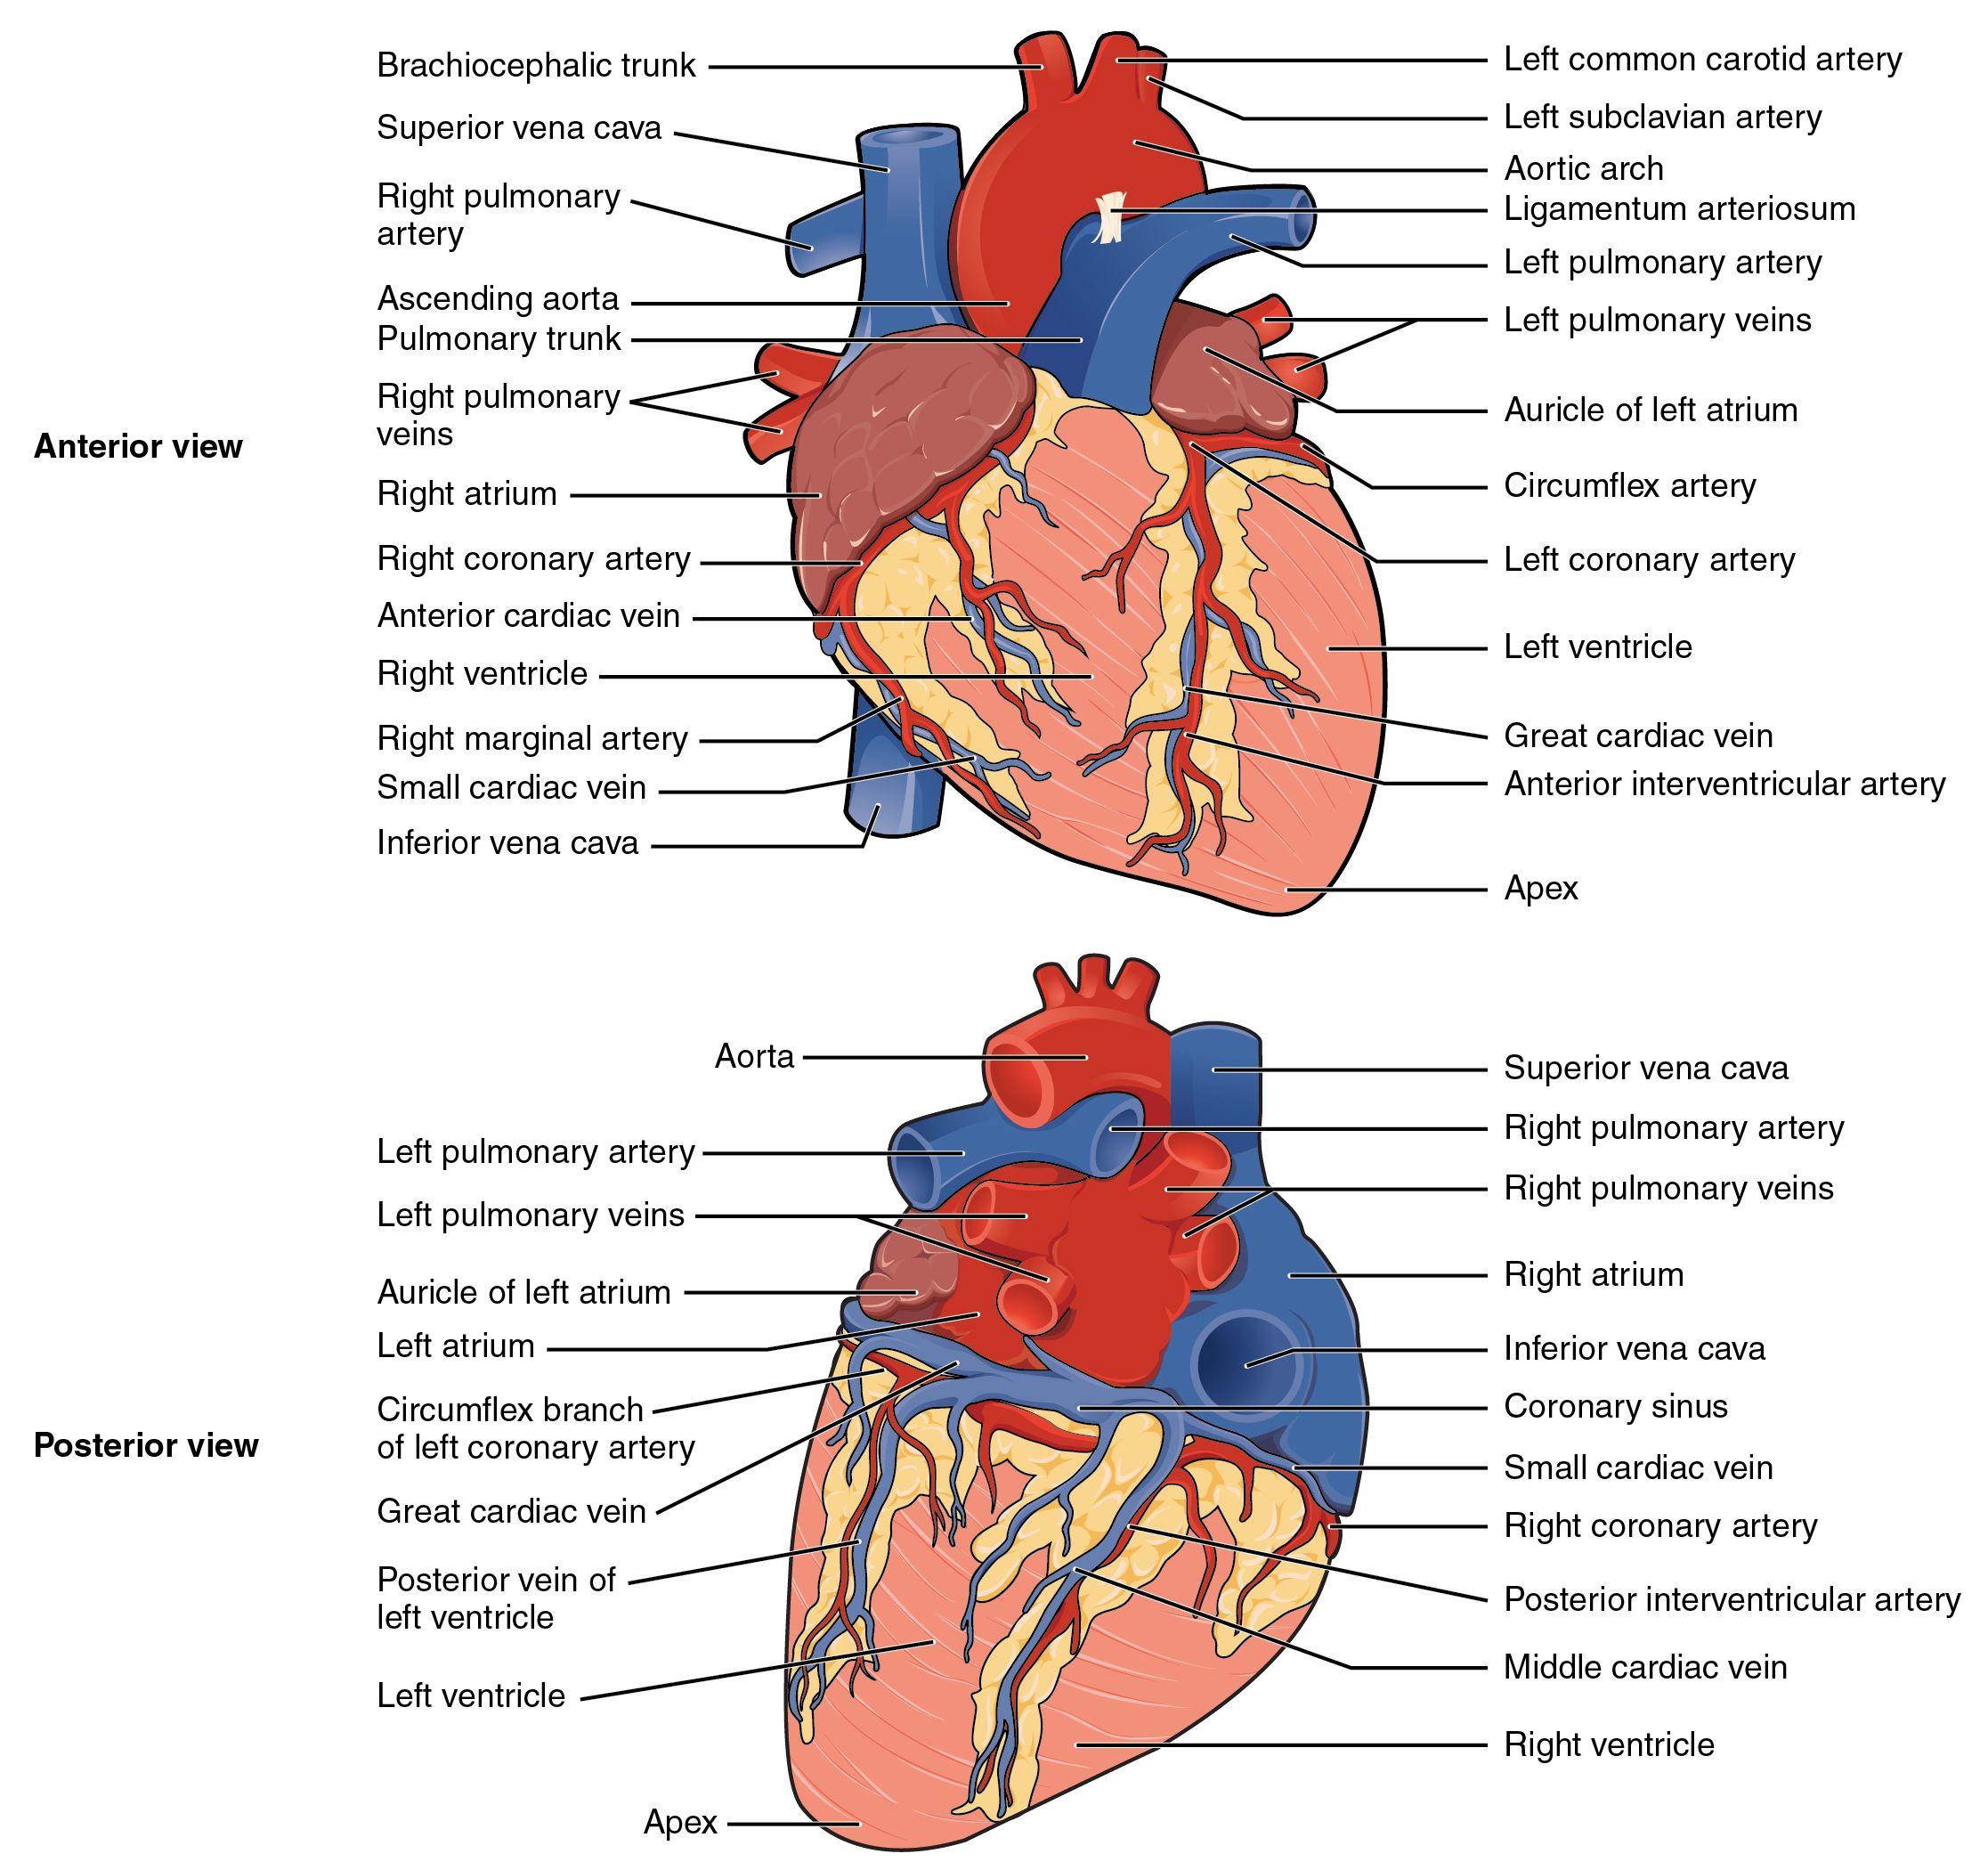 Posterior Interventricular Artery Interventricular Artery